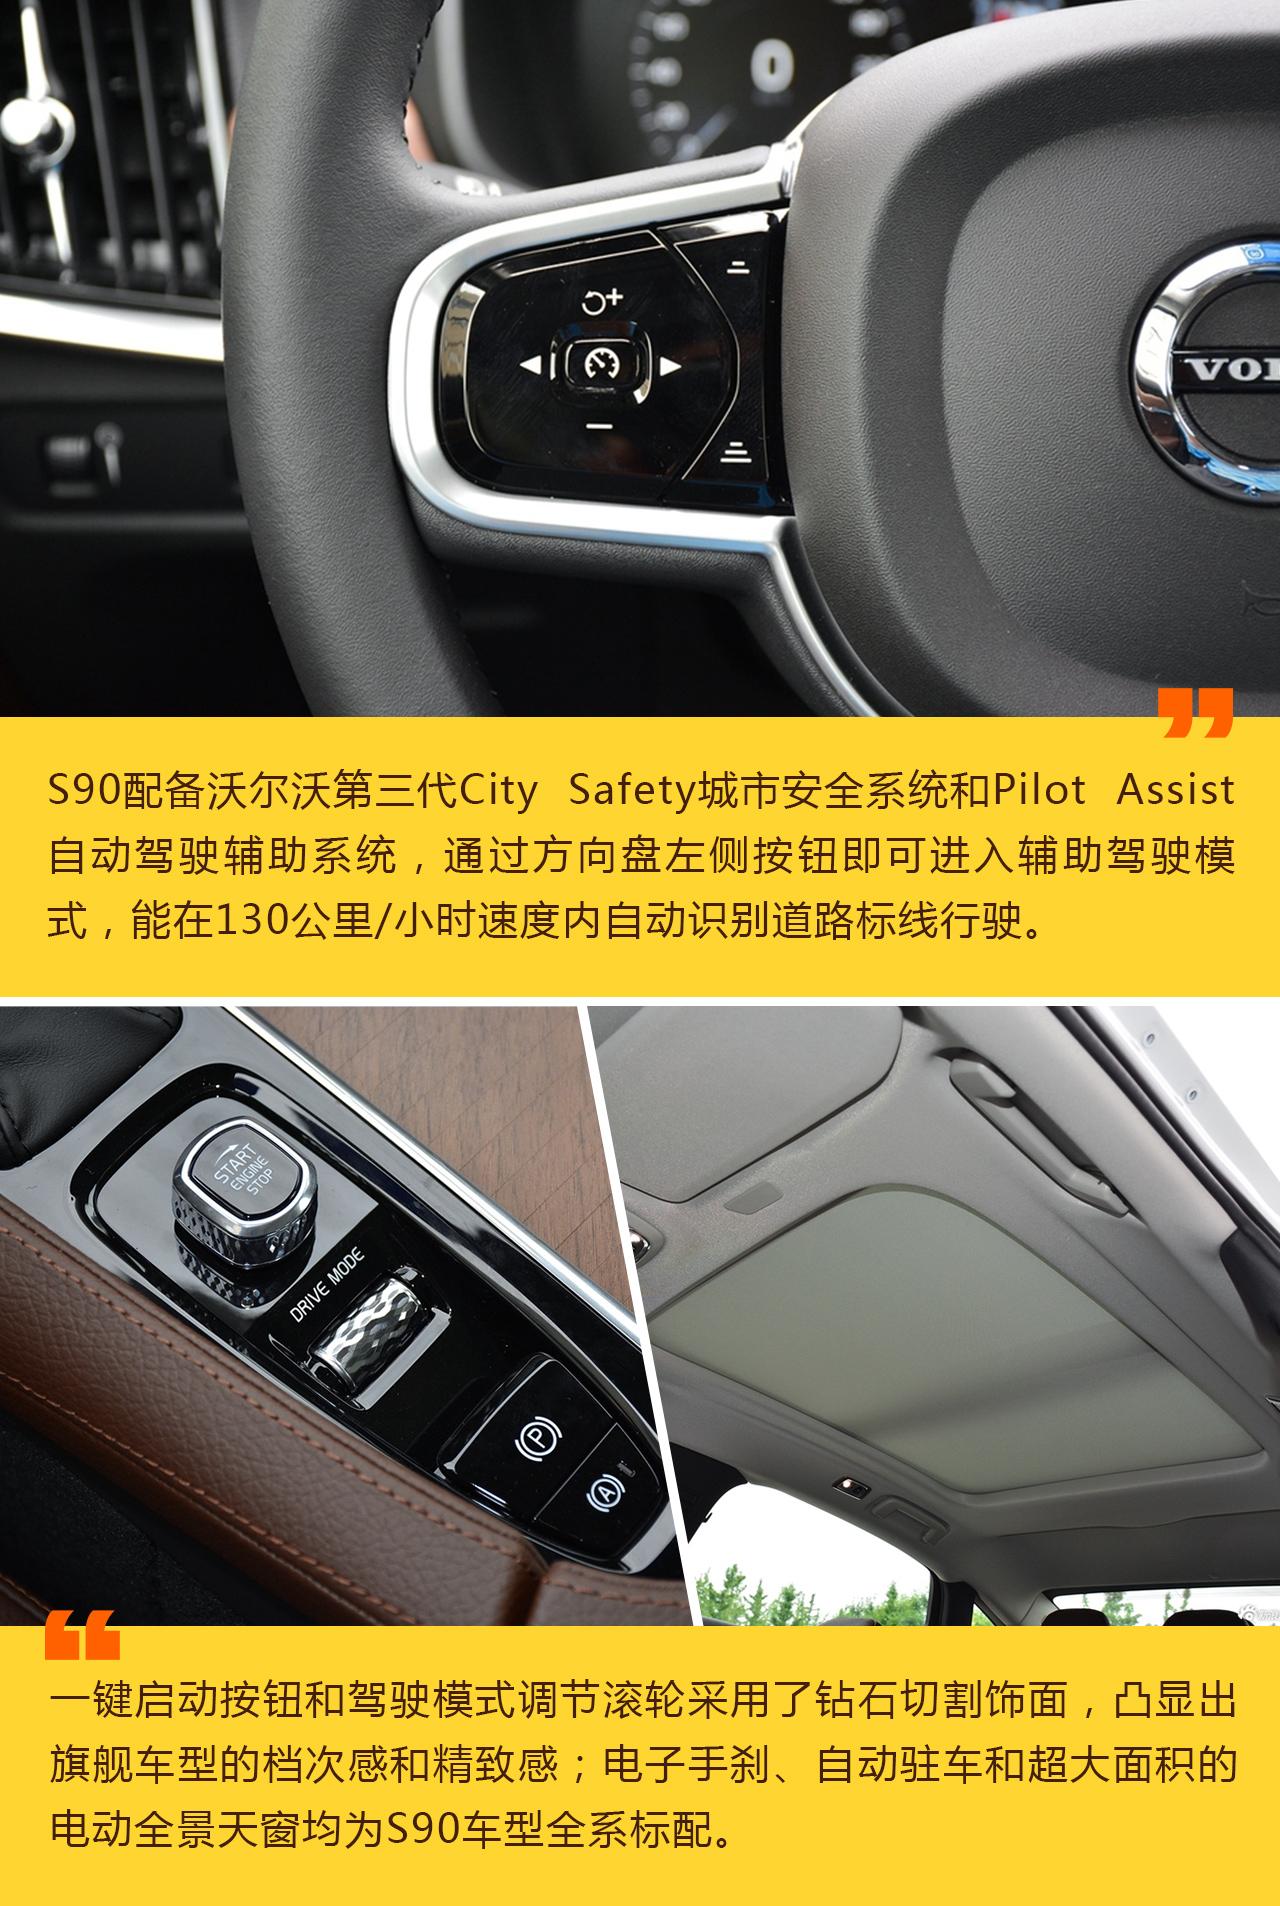 来自北欧的舒适与豪华 解读沃尔沃S90